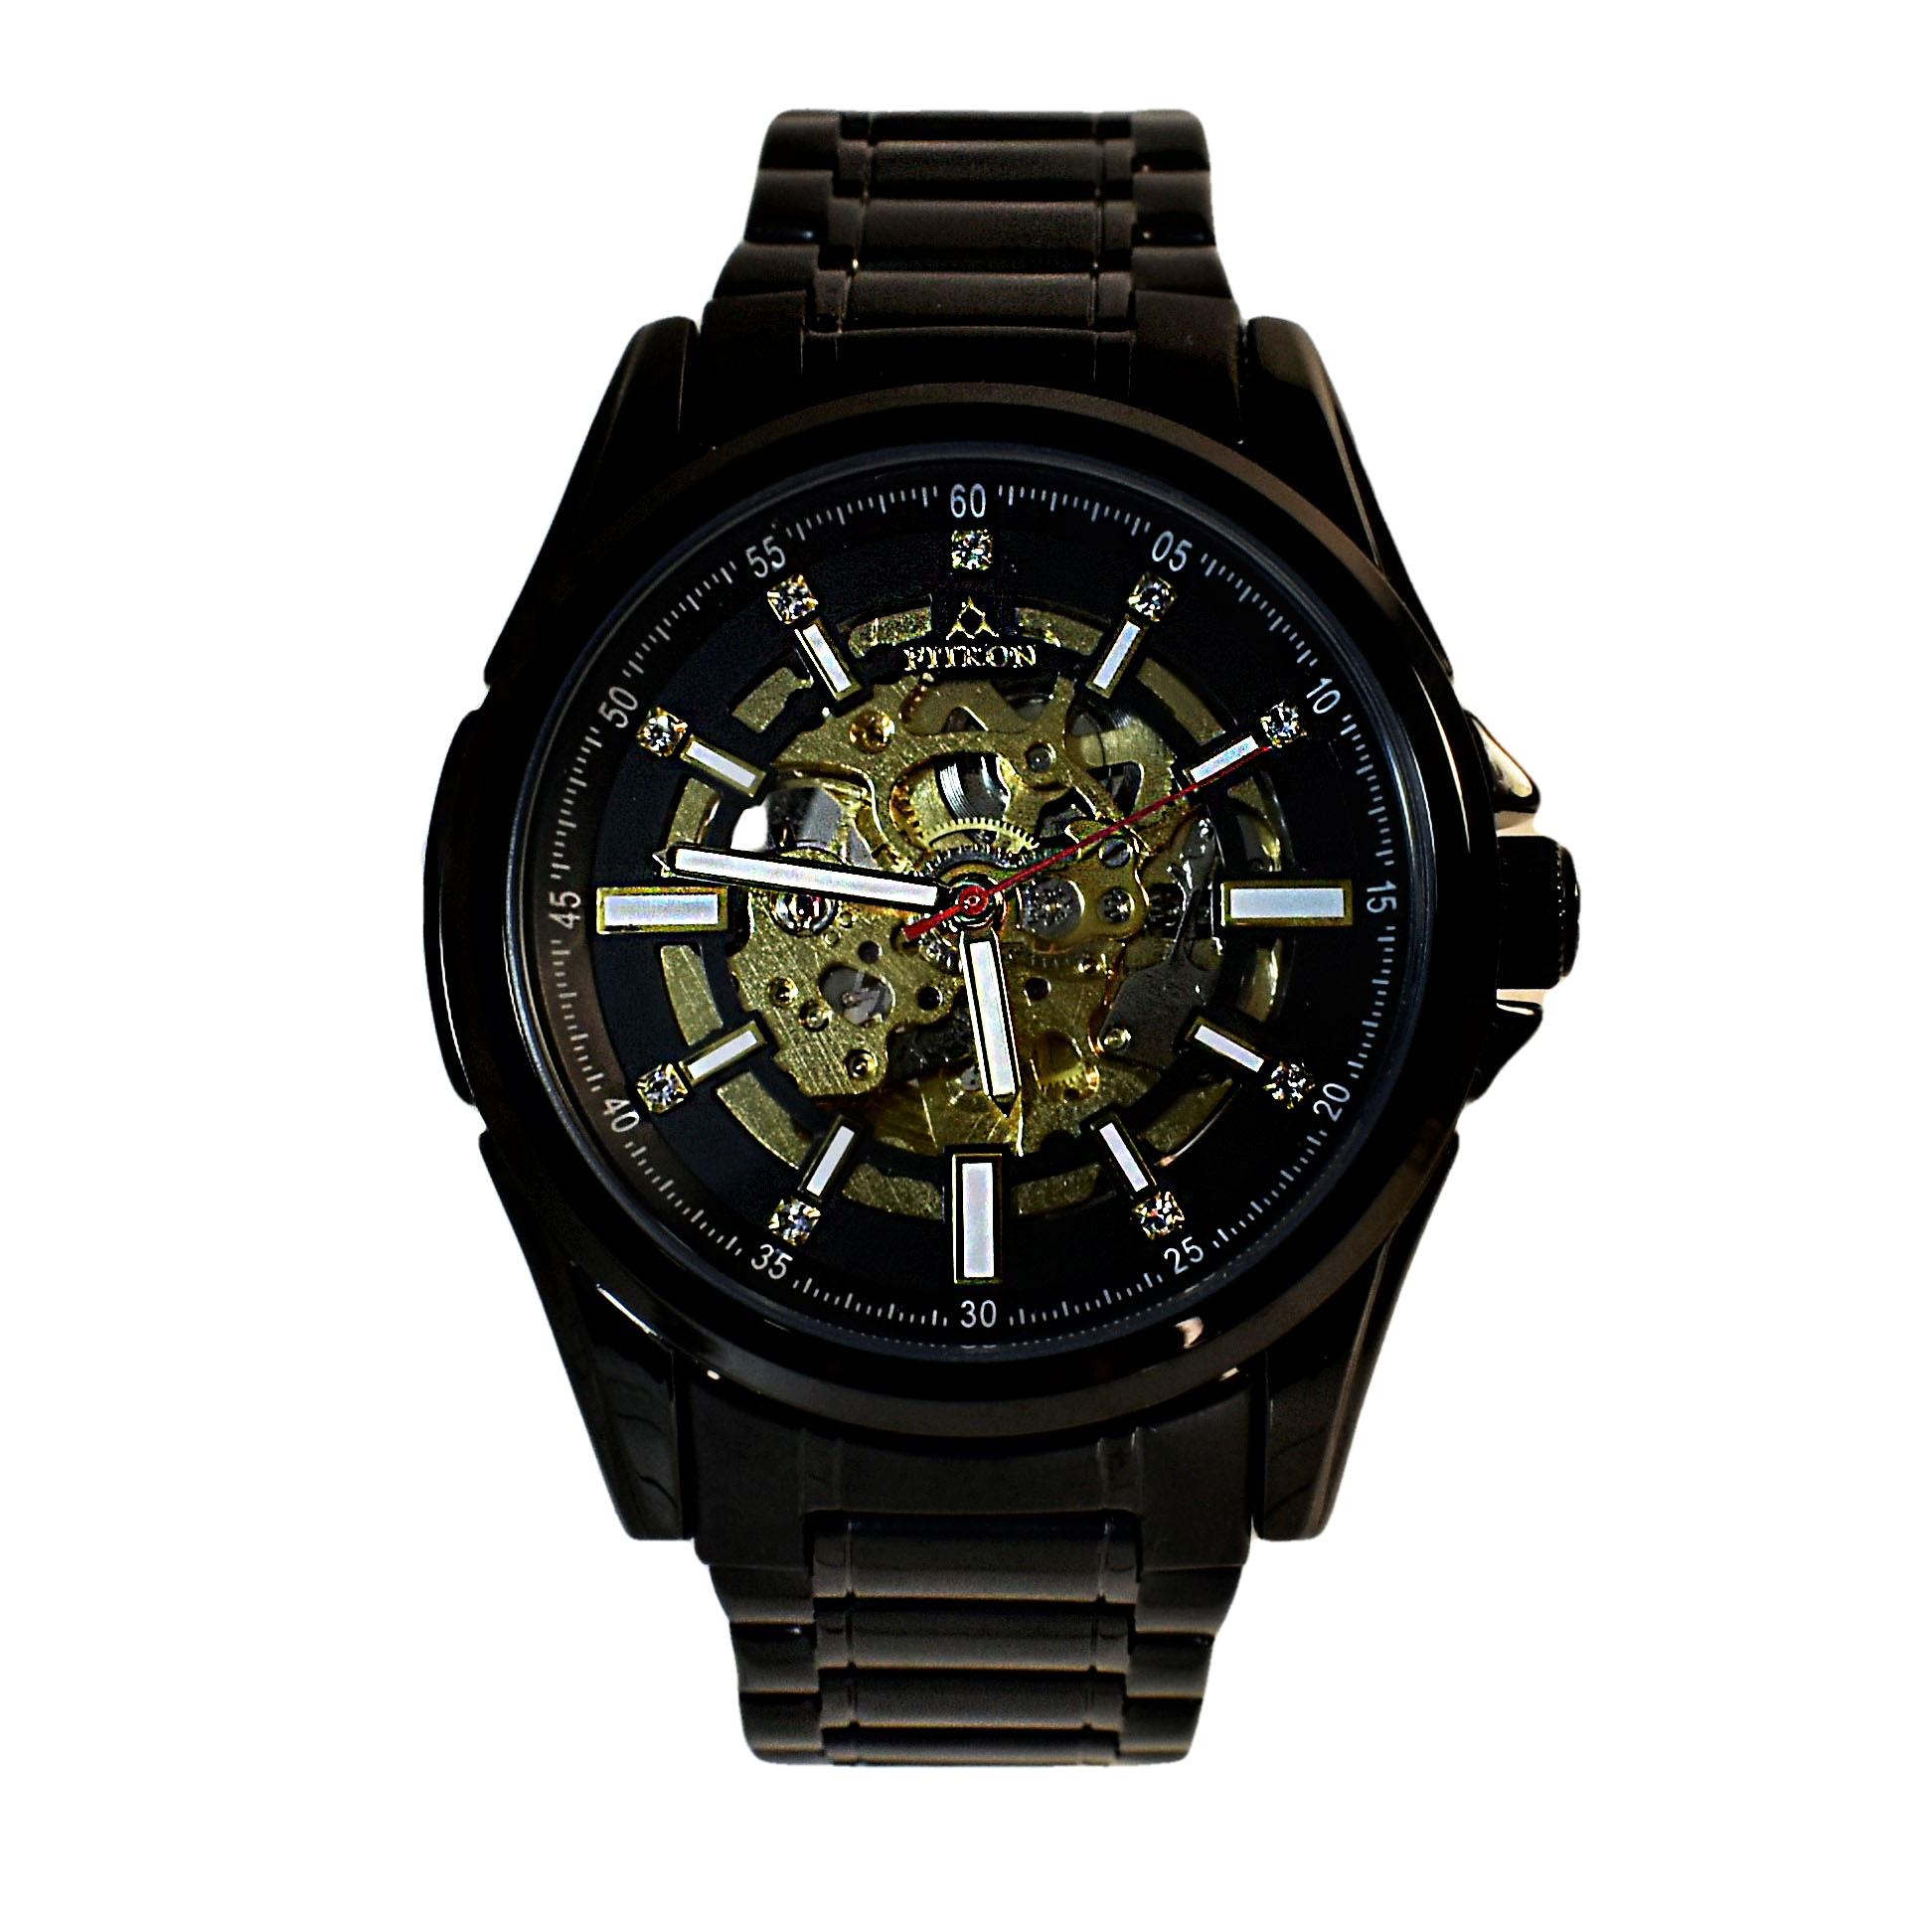 ساعت مچی عقربهای مردانه مدل 117174M                     غیر اصل